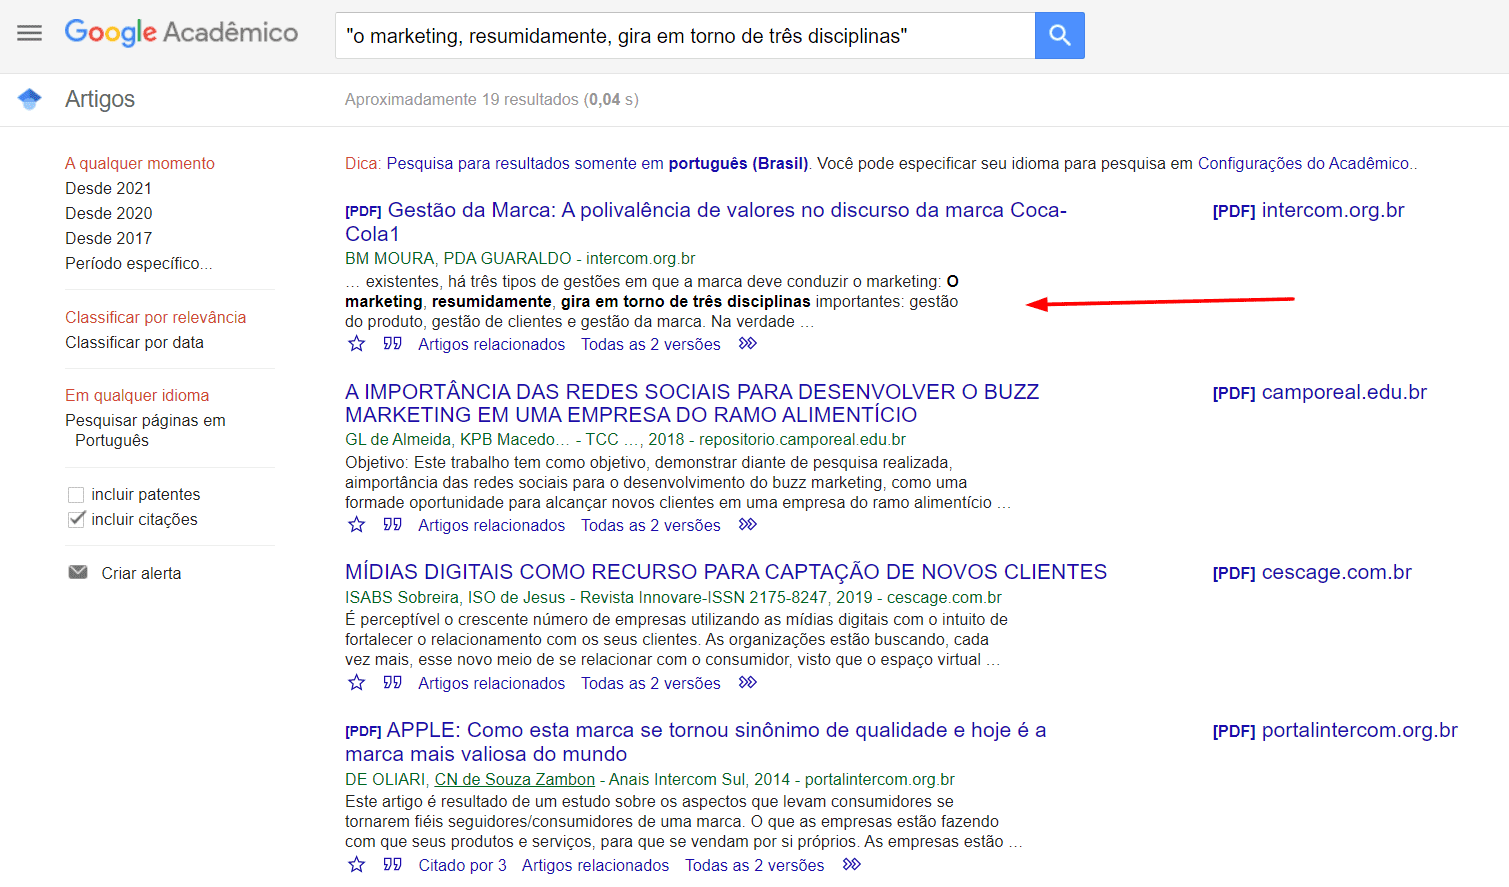 como encontrar citações no google acadêmico